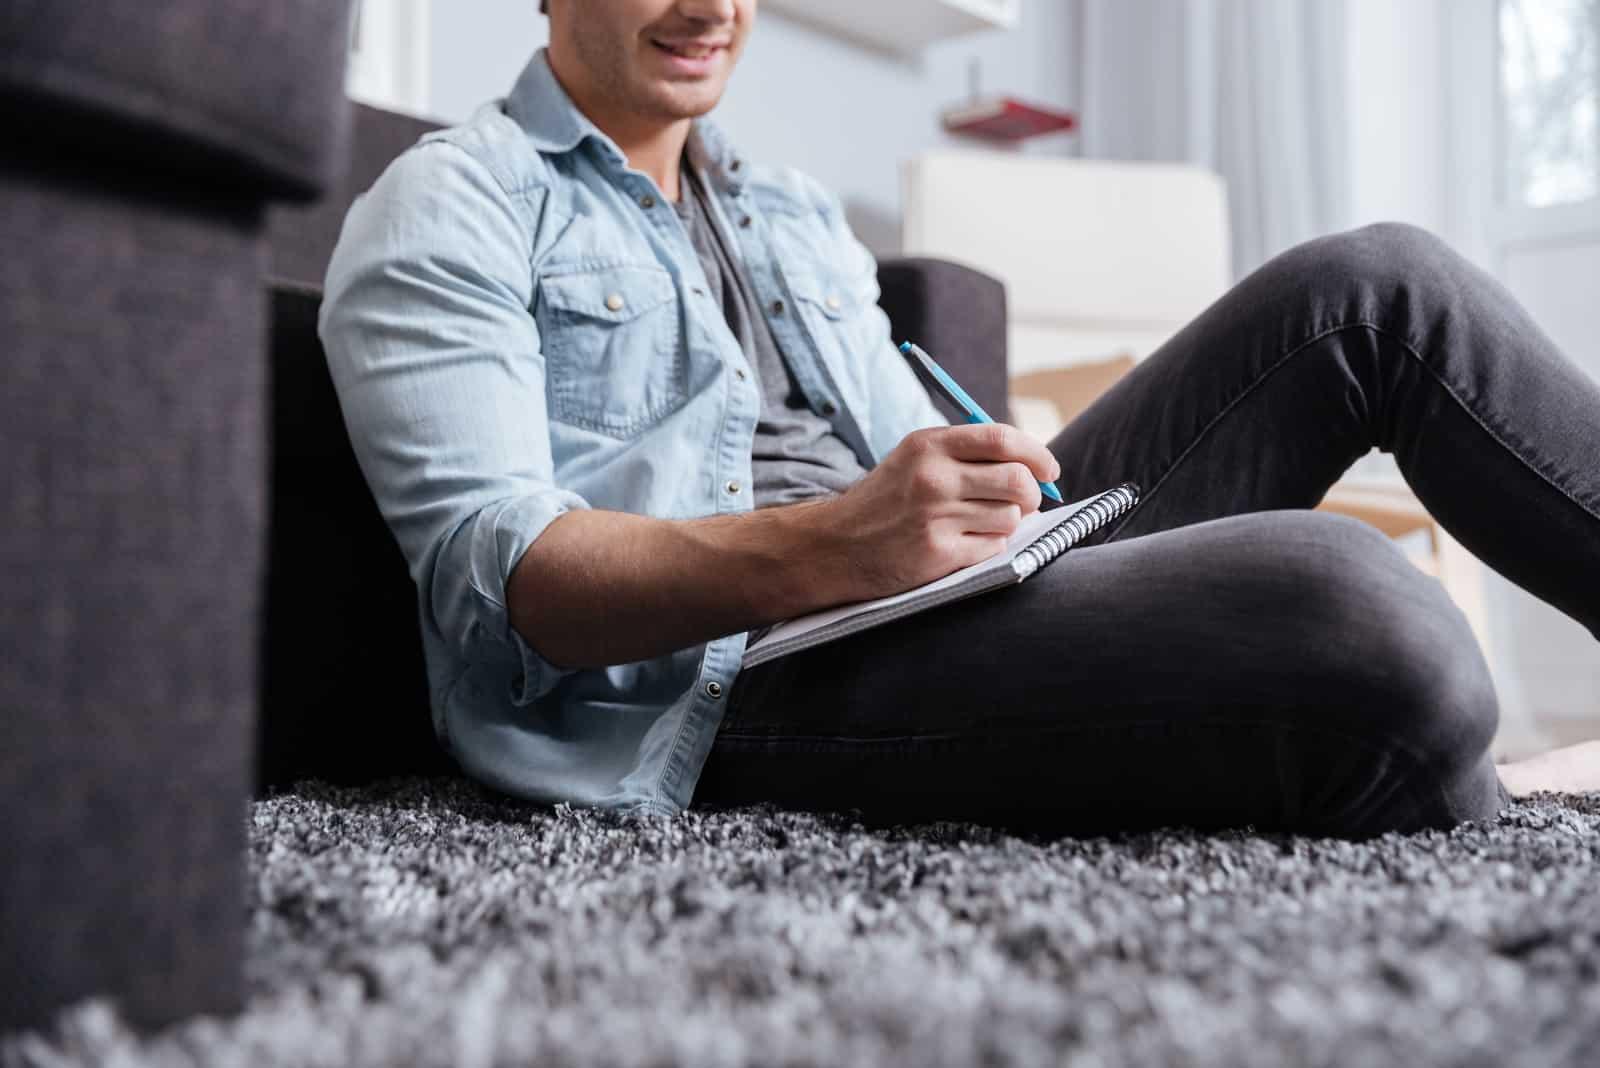 un homme est assis sur le sol et écrit une lettre